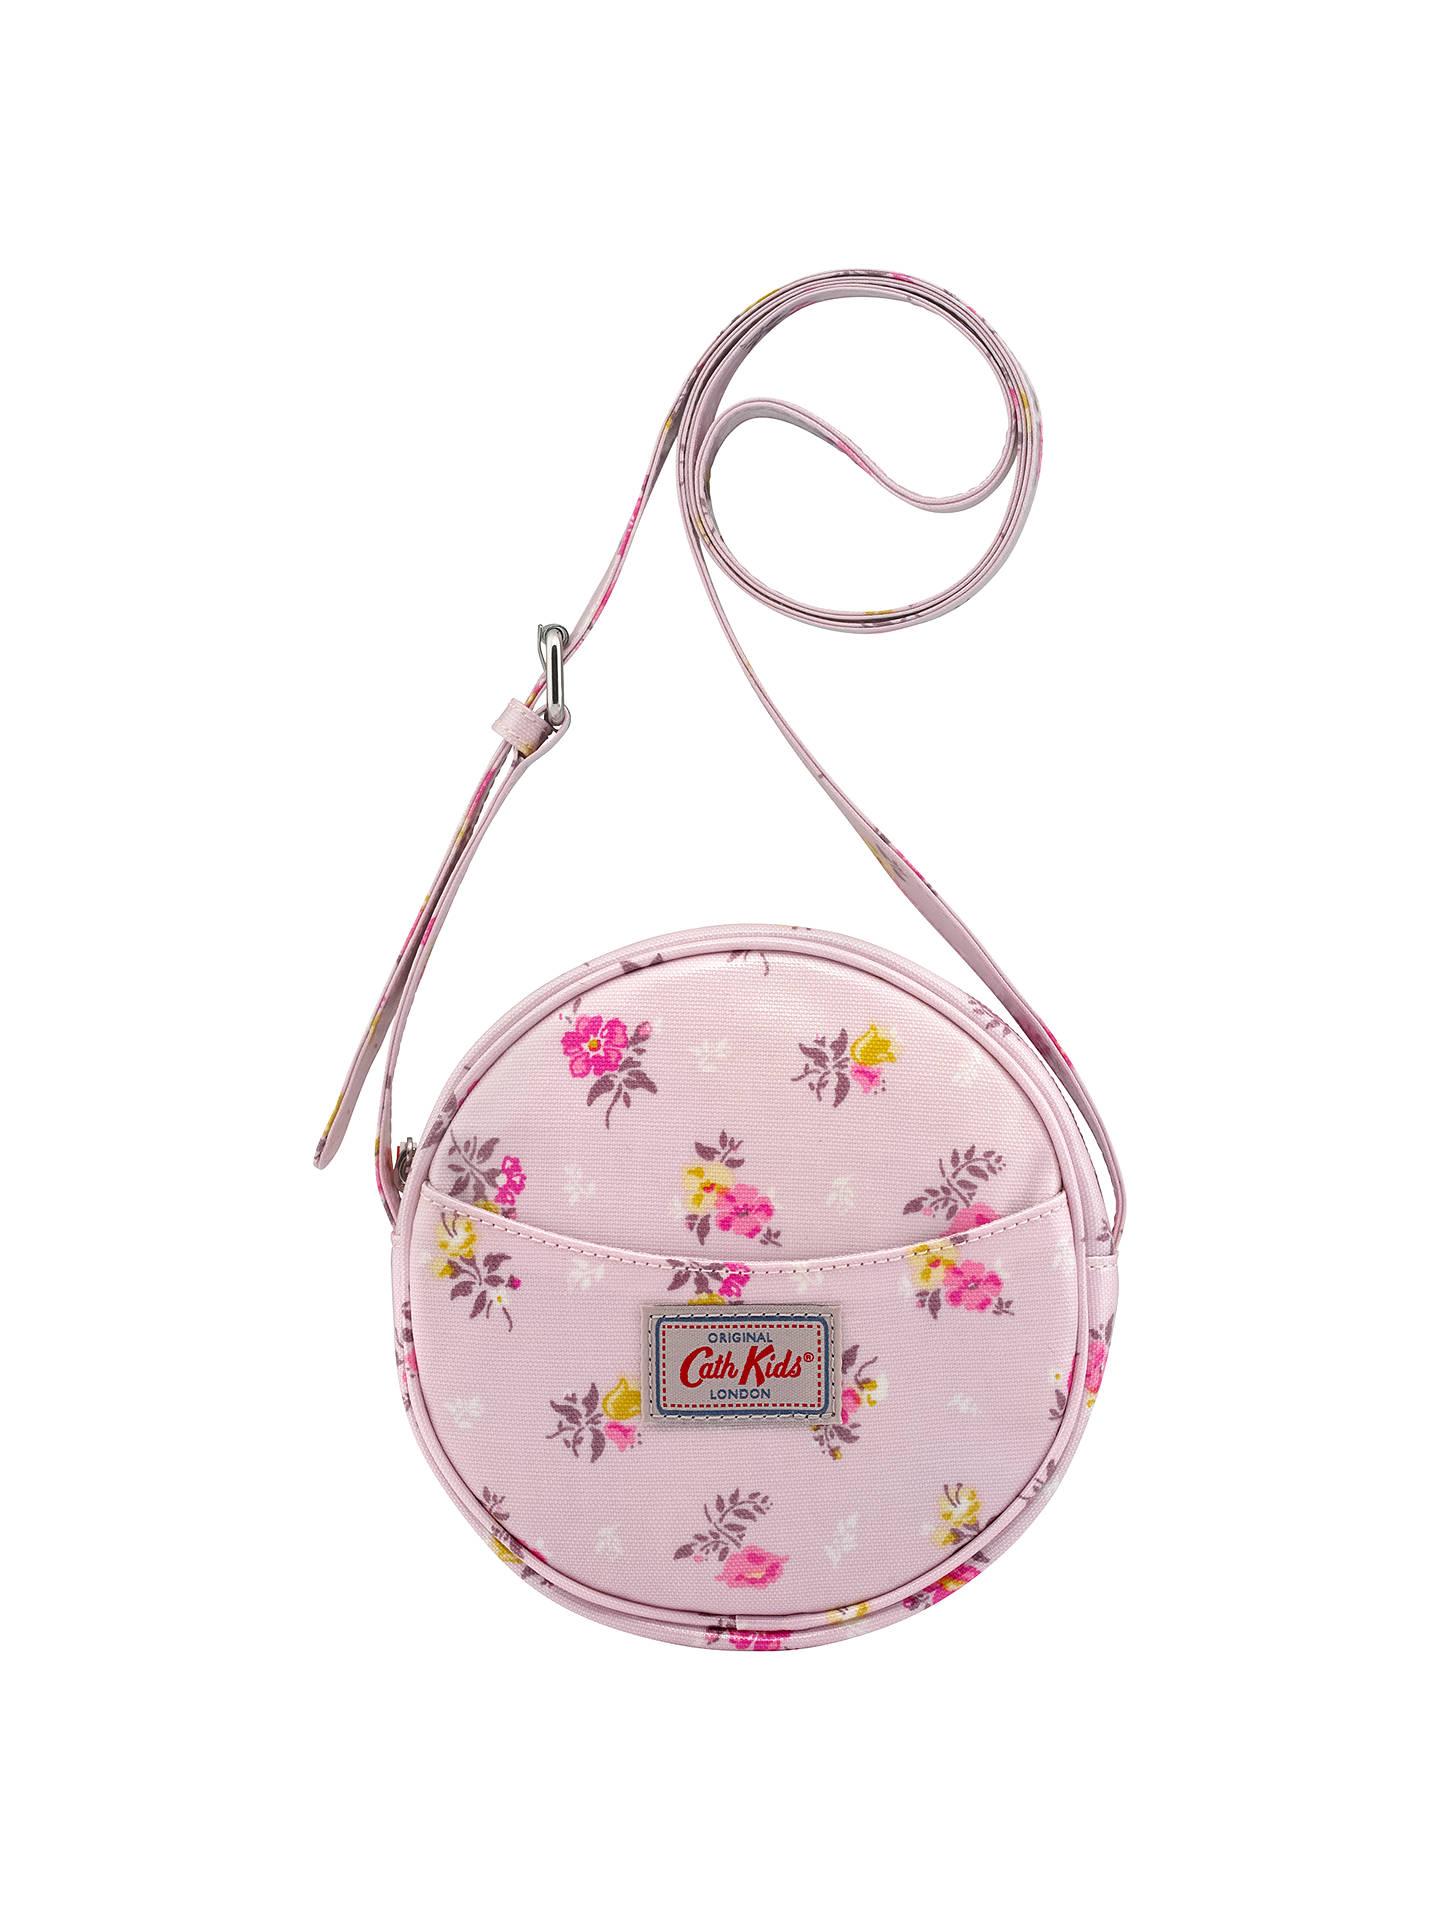 Buy Cath Kids Children s Henley Sprig Round Handbag